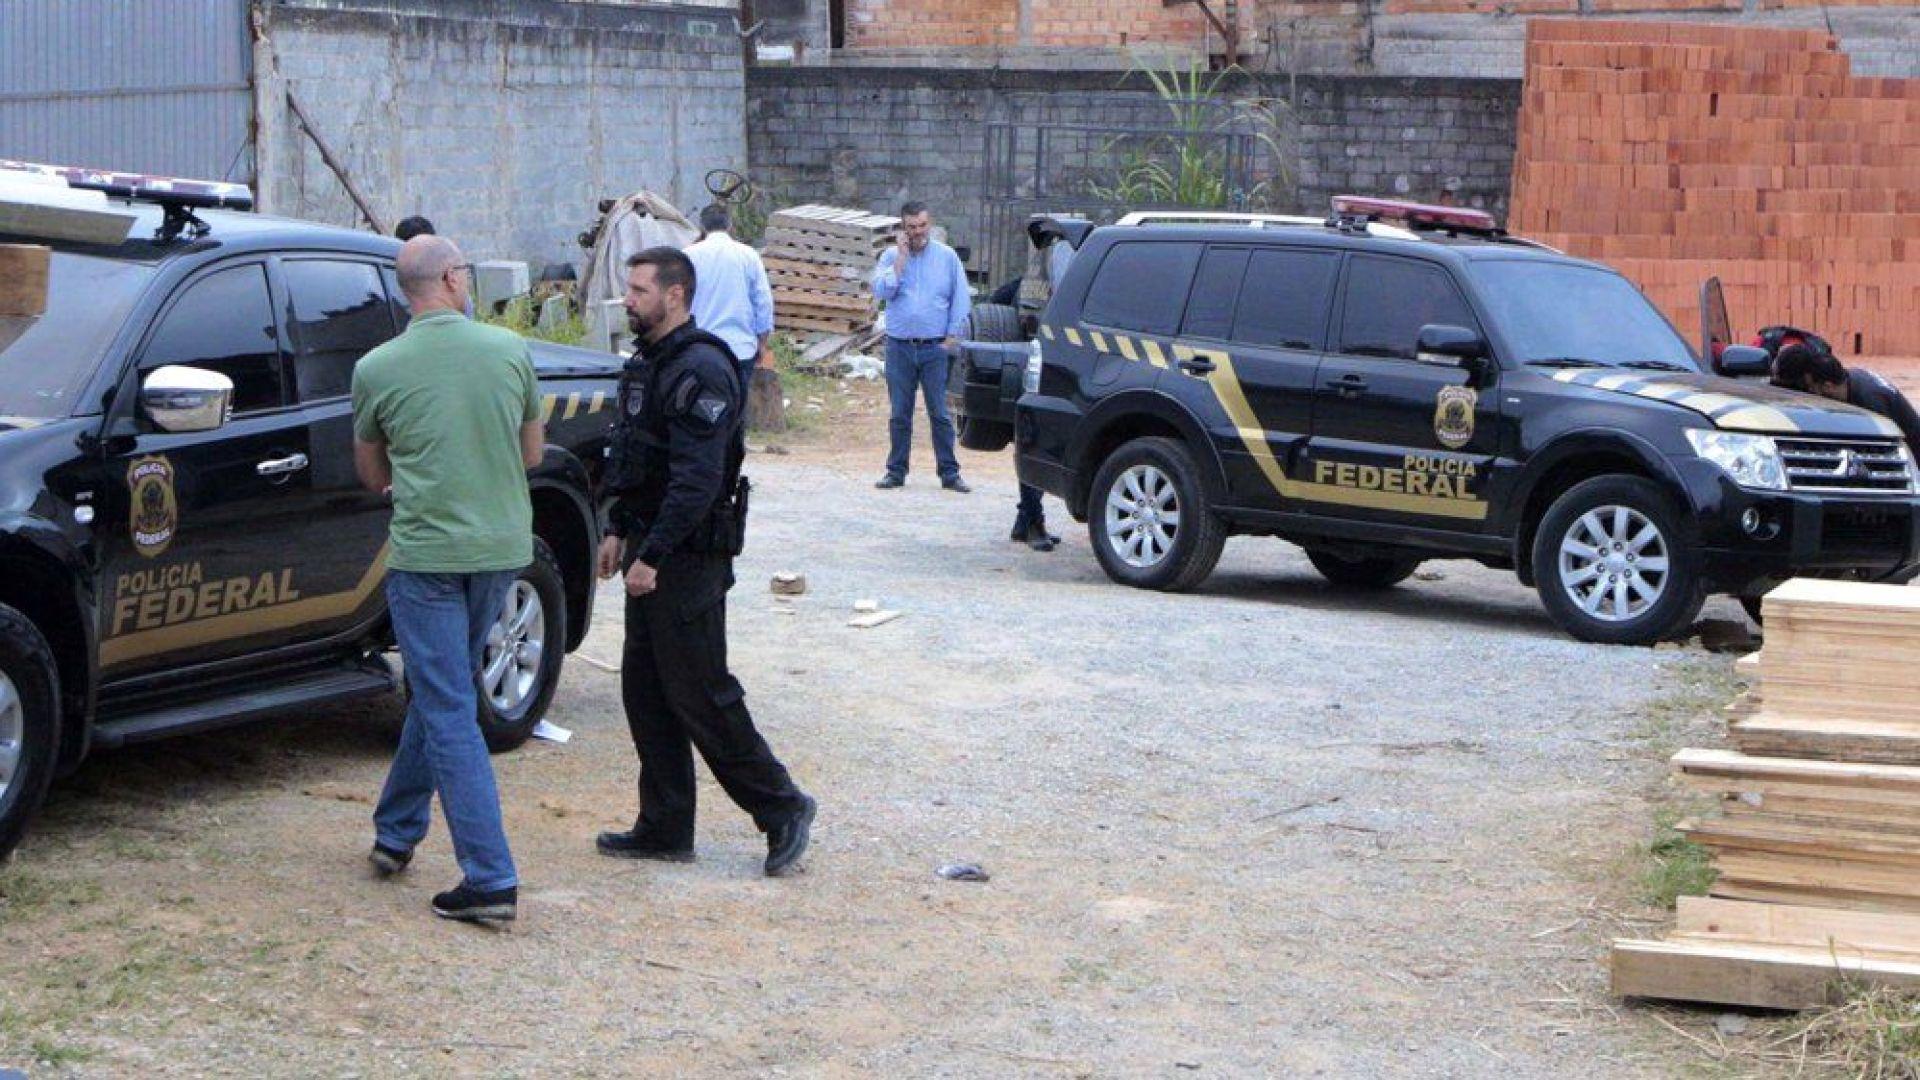 Фалшиви полицаи задигнаха злато за $40 млн. при зрелищен обир на летището в Сао Пауло